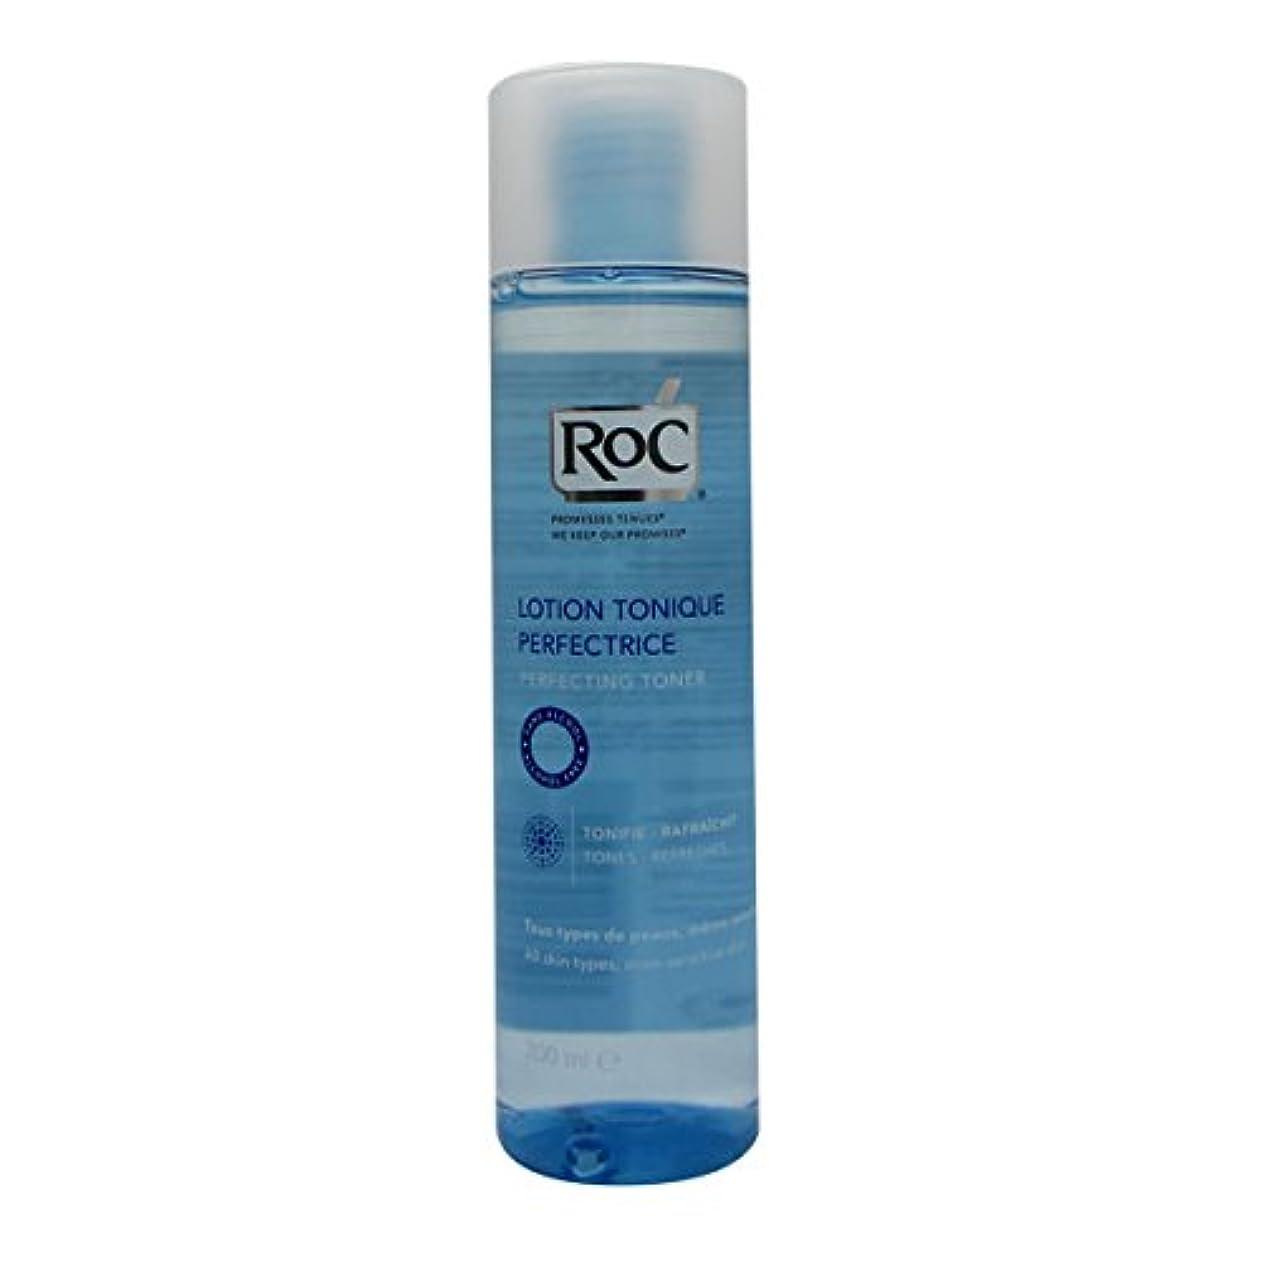 繰り返した構成する活発ロック / RoC ローション トニック 200ml [並行輸入品]